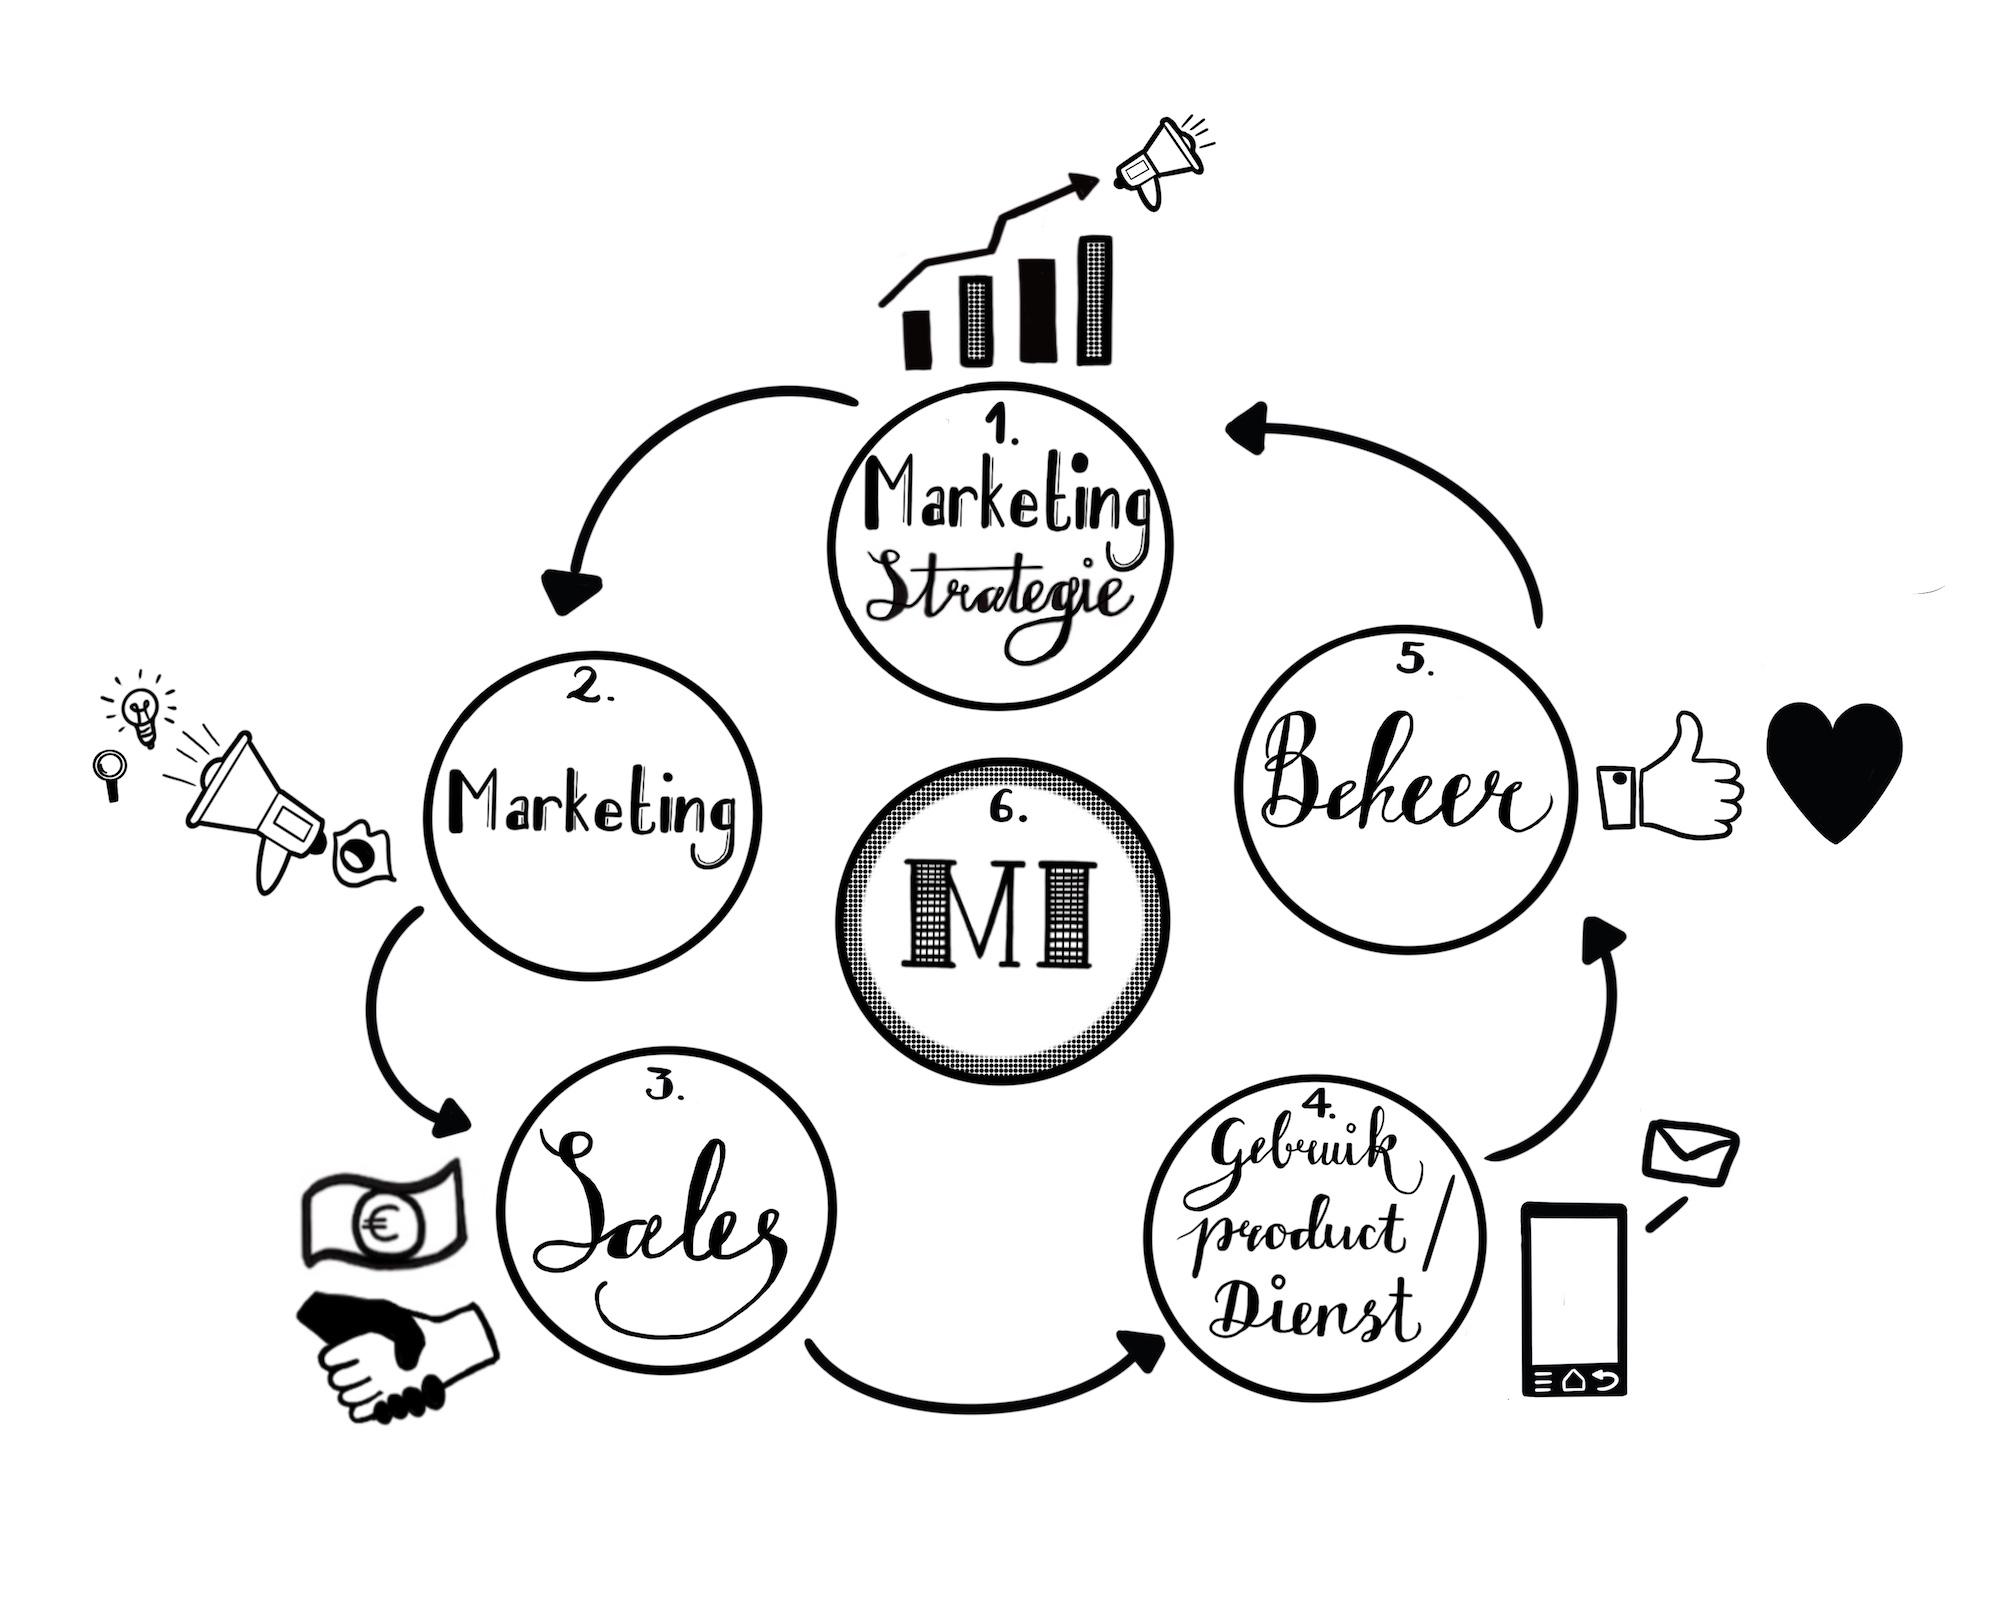 8. Marketing strategie 72dpi.jpg